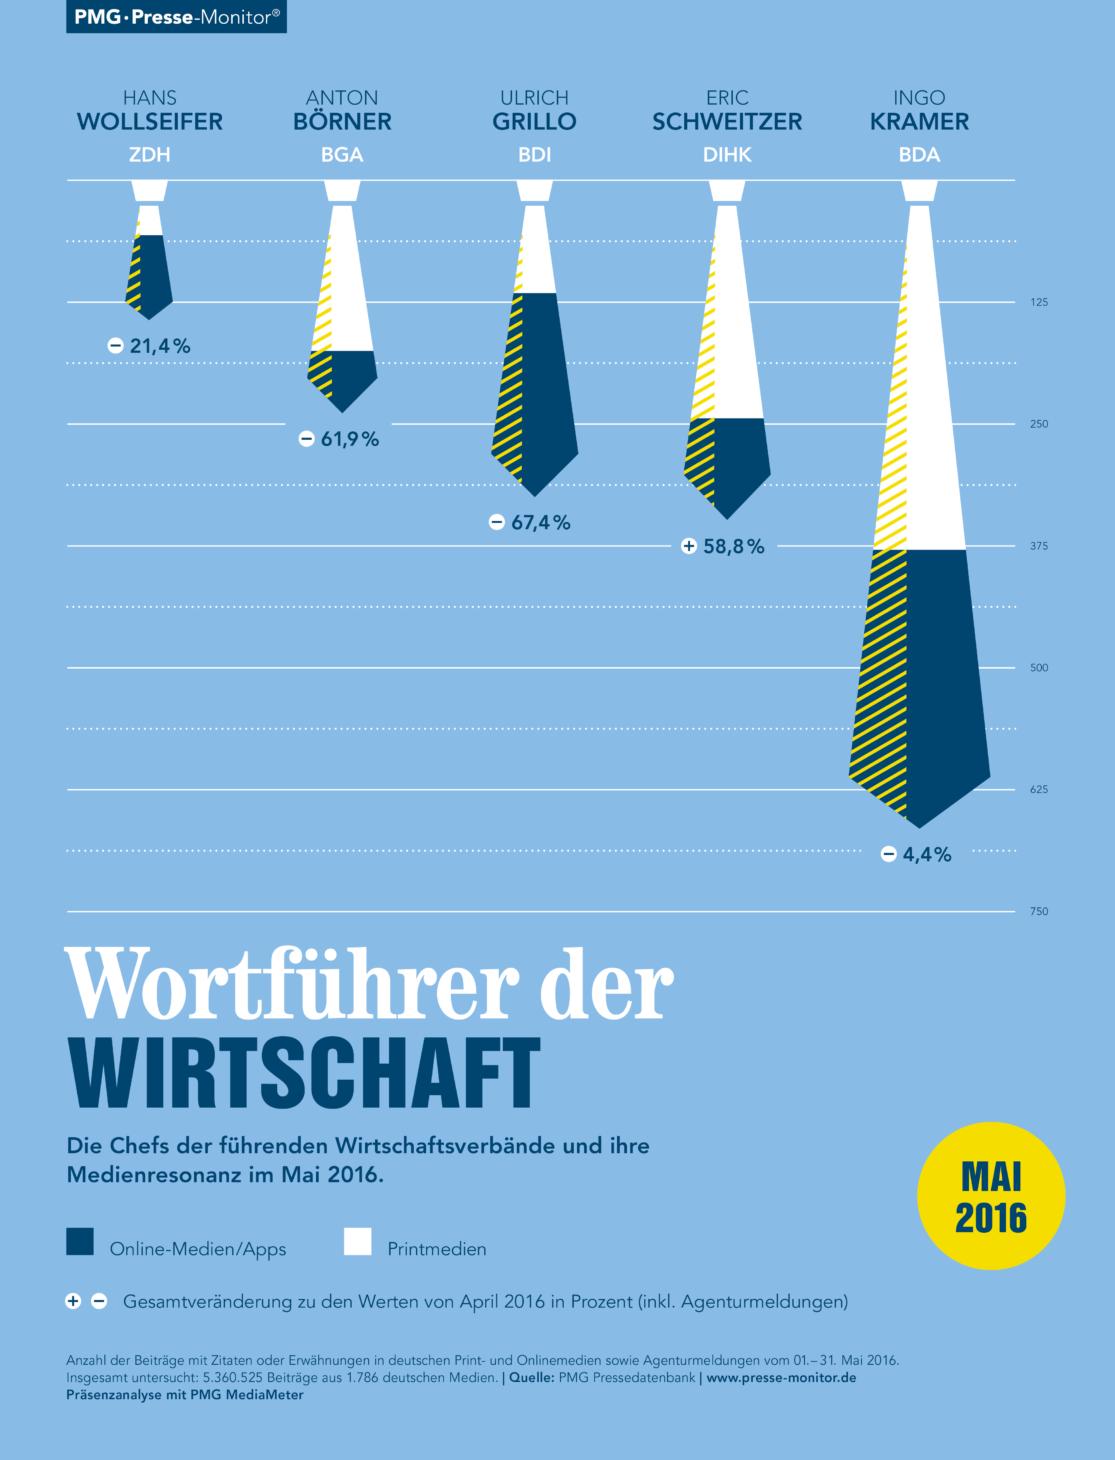 PMG Ranking: Wortführer der Wirtschaft. Ingo Kramer, Eric Schweitzer, Ulrich Grillo, Anton Börner, Hans Wollseifer   Mai 2016